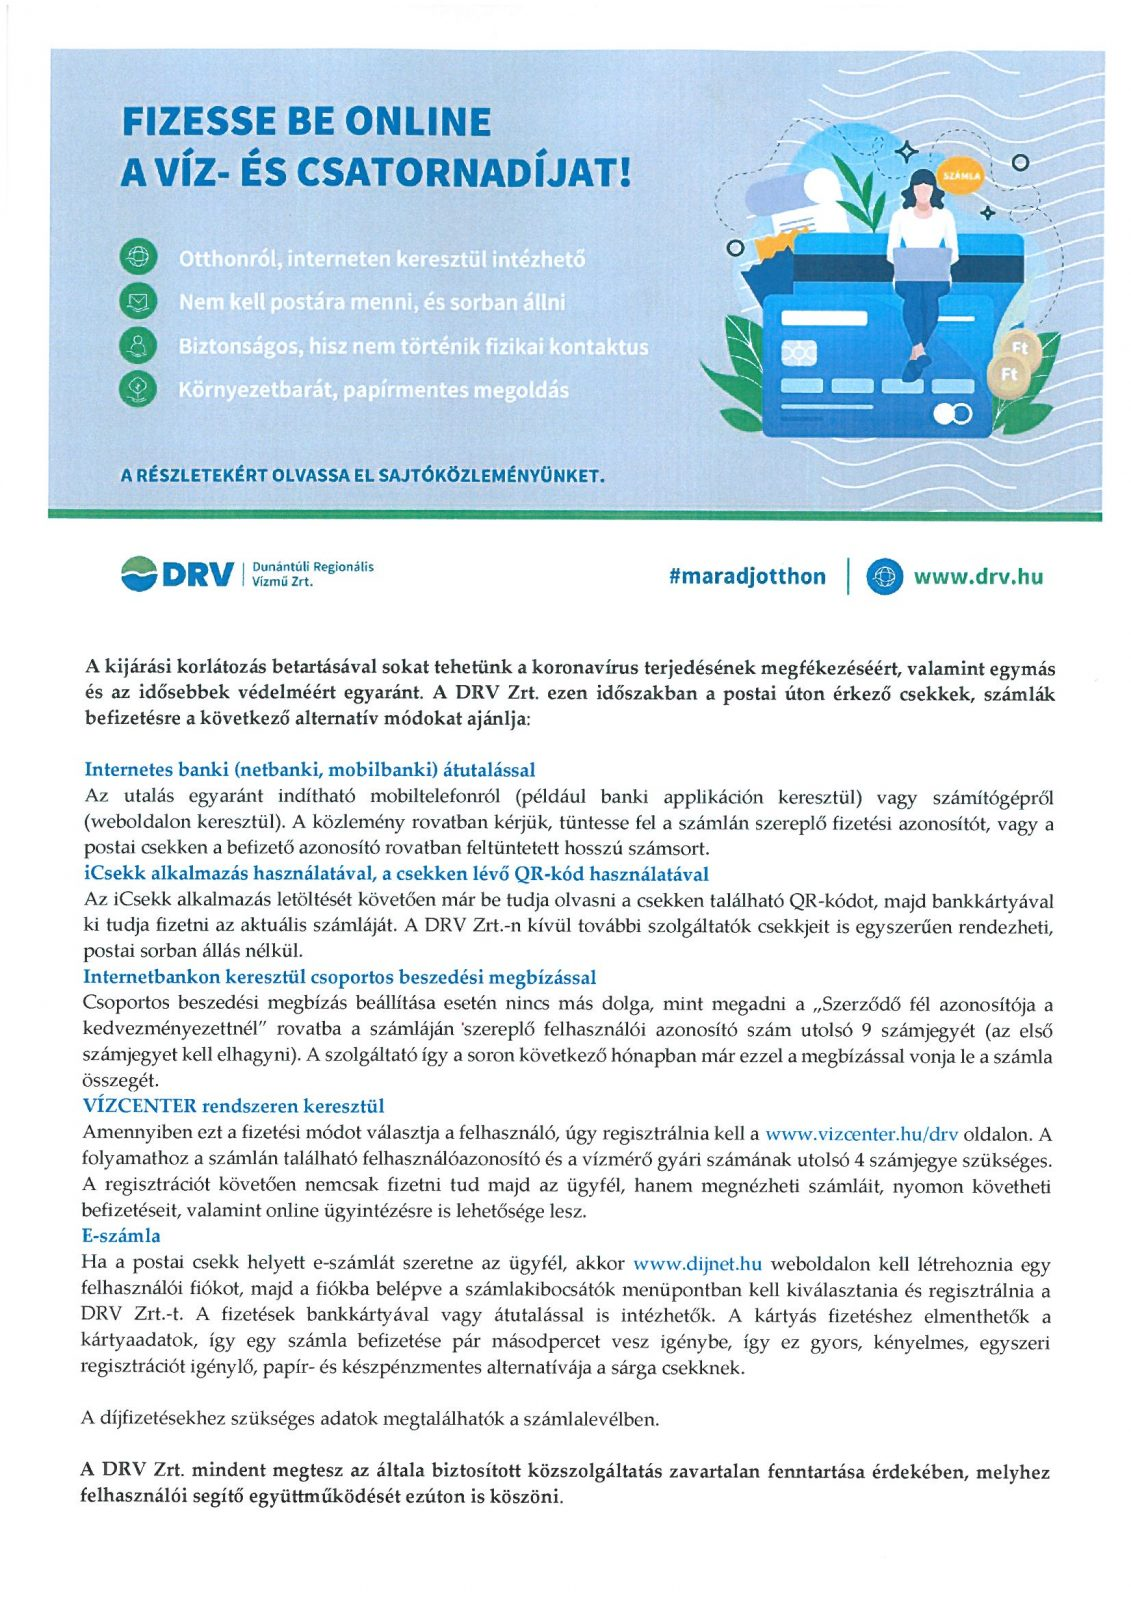 SKMBT C36020042112540 Fizesse be online a víz- és csatornadíját!